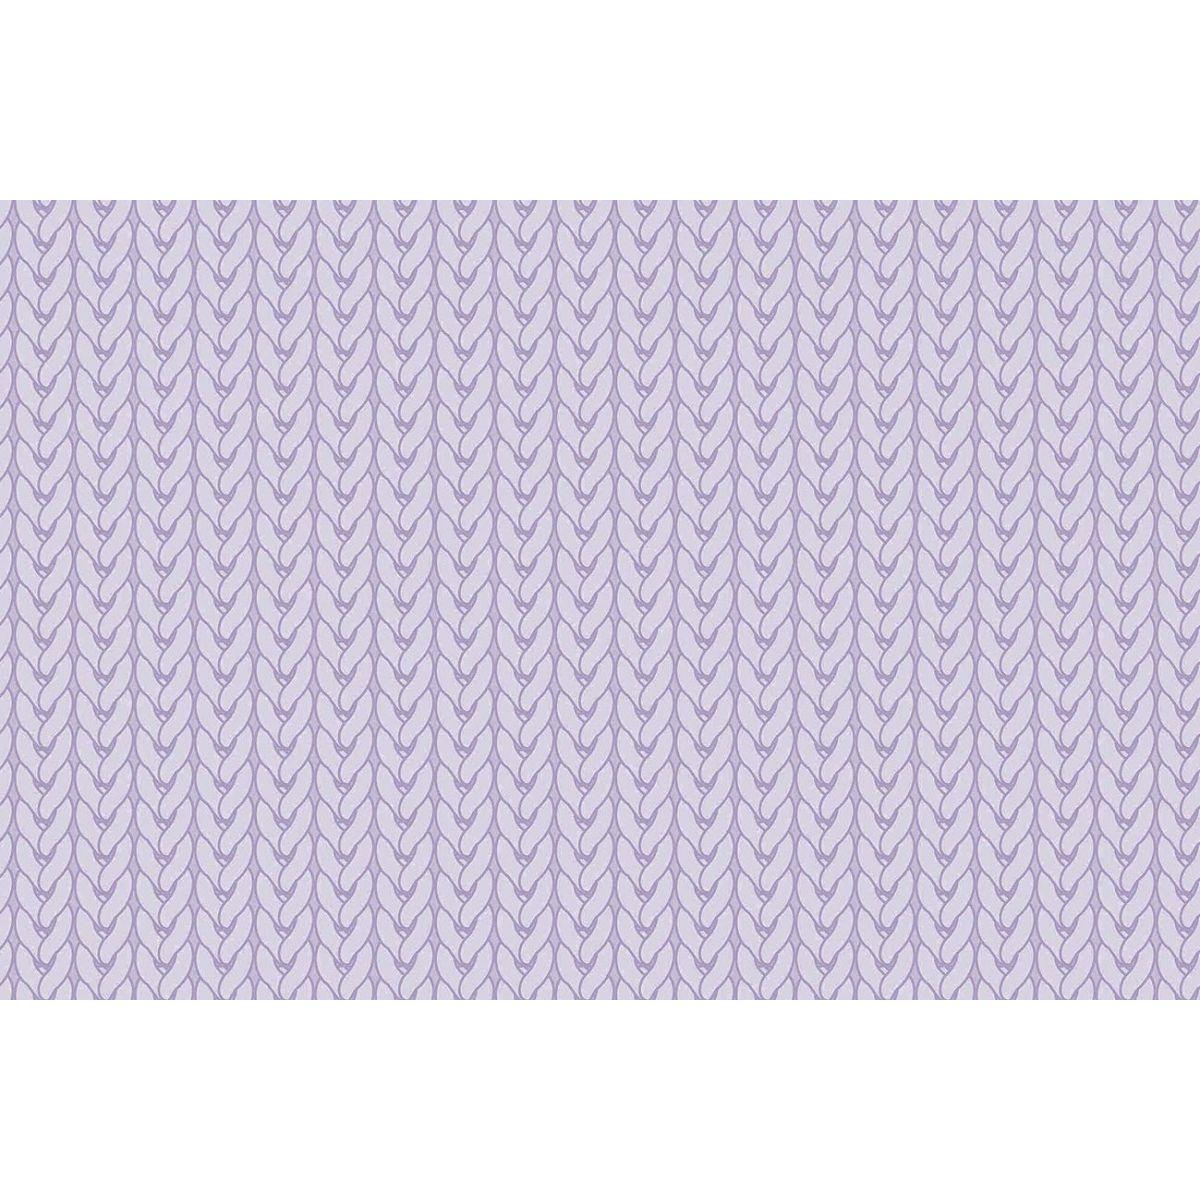 Tecido Digital Tricô Lilás  - Tecidos Digitais